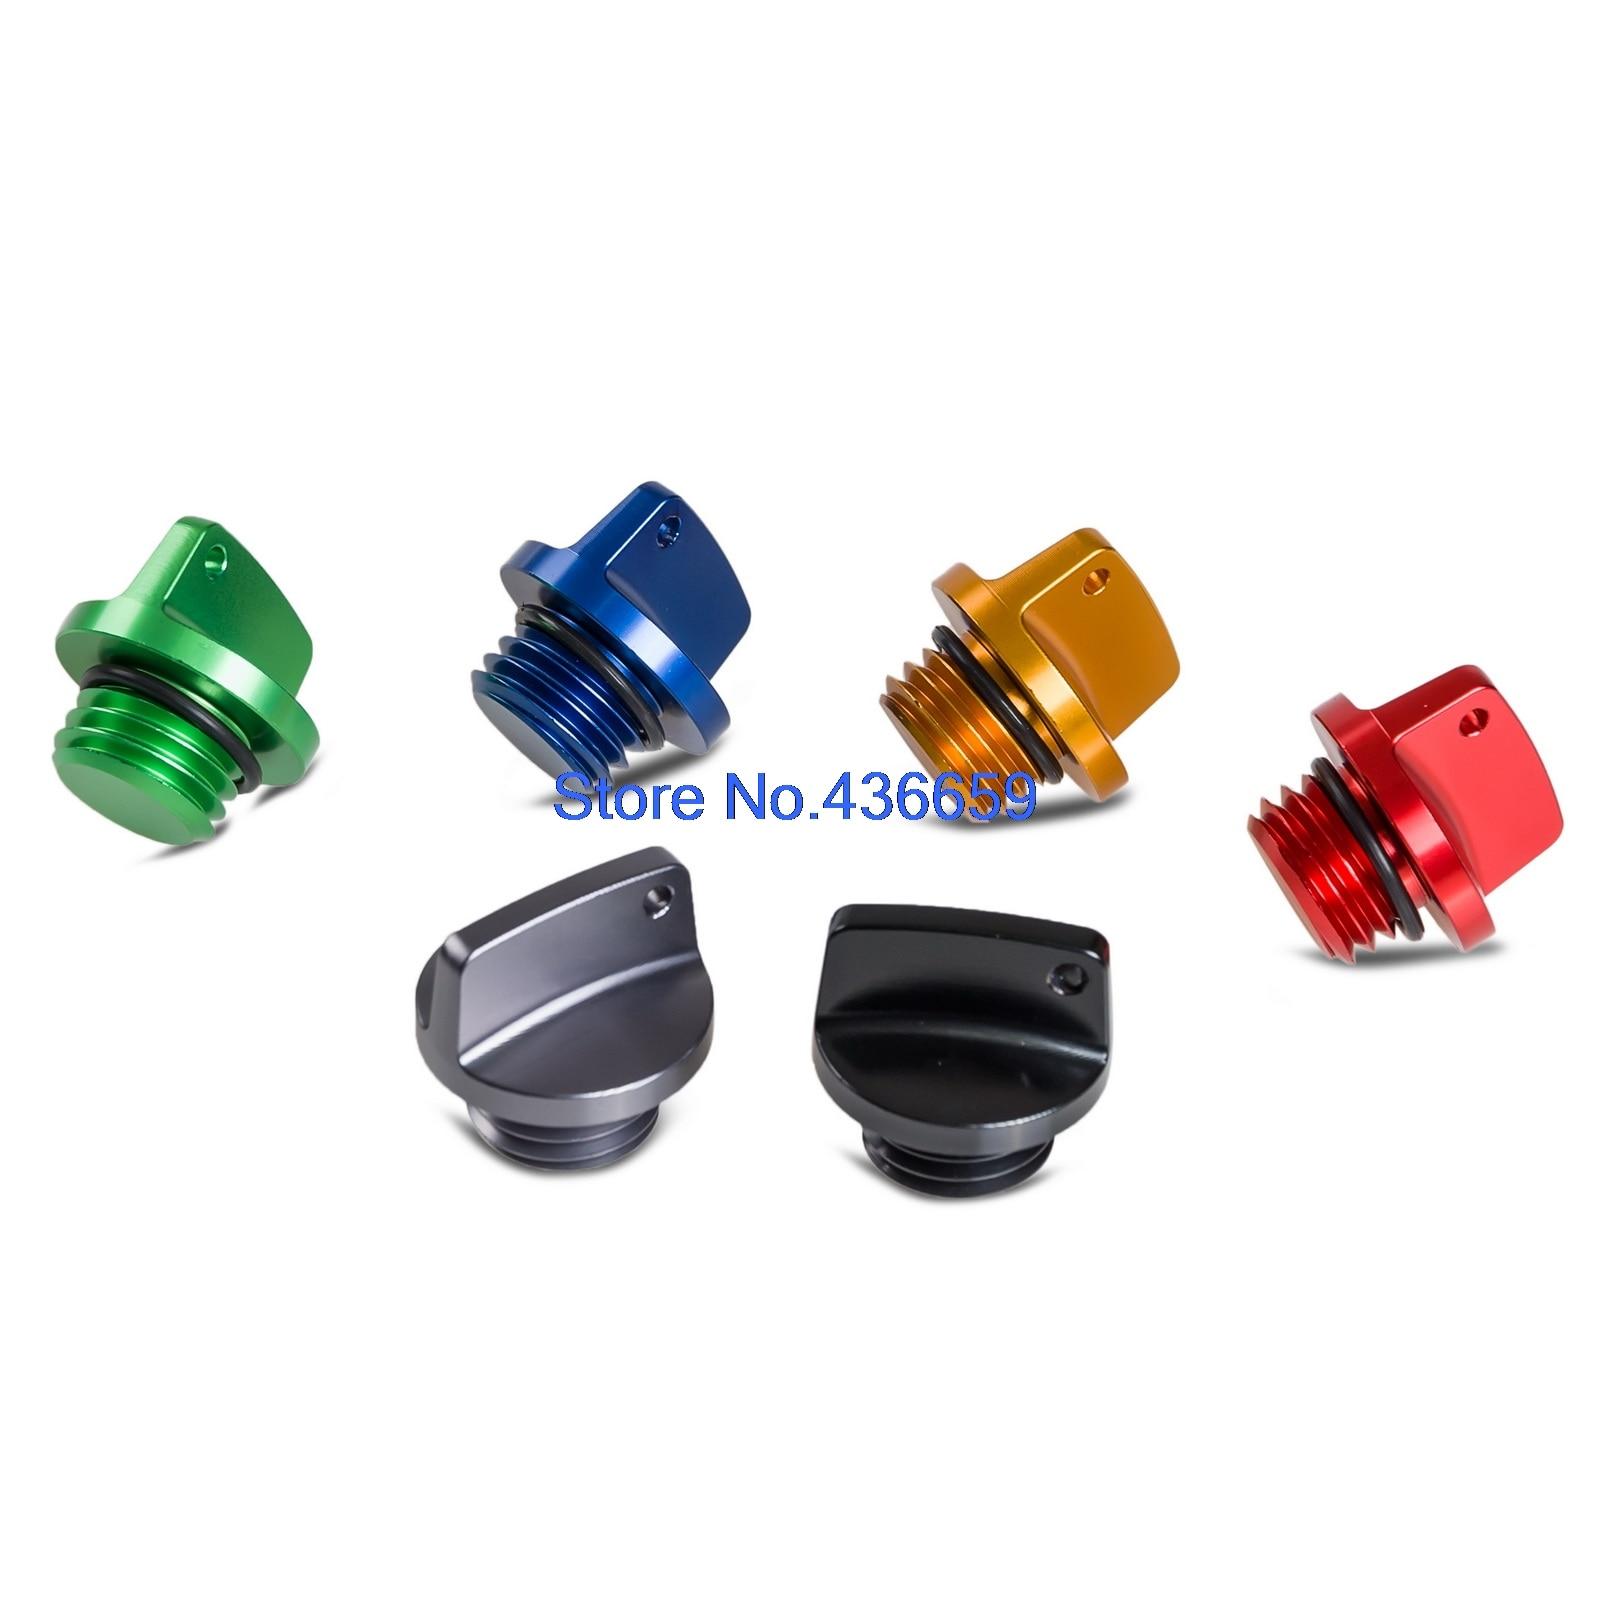 CNC Öleinfülldeckelstecker für Yamaha MT-09 MT09 FZ09 FZ-09 FJ09 FJ-09 XSR900 TMAX500 TMAX530 T-MAX500 T-MAX530